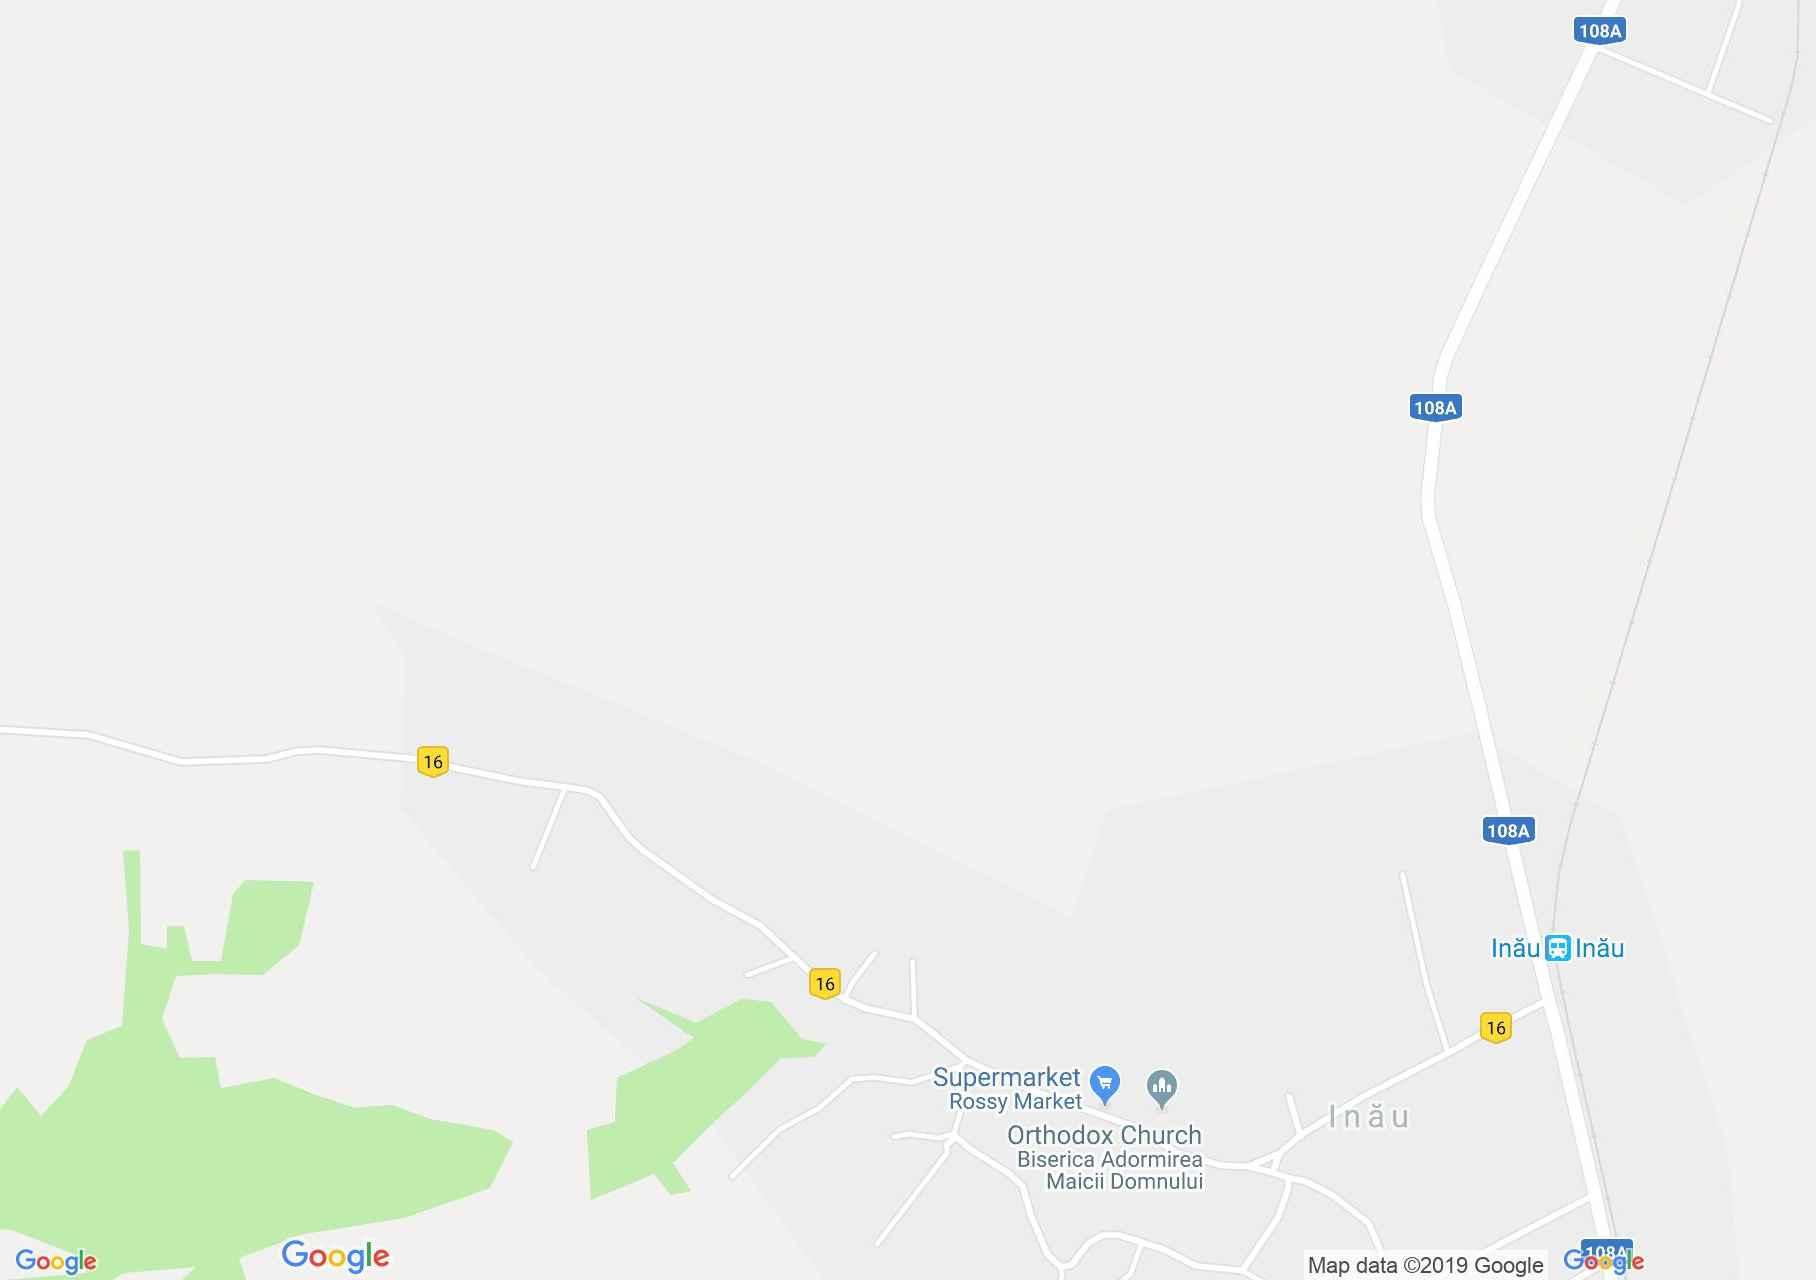 Map of Inău: Wooden church